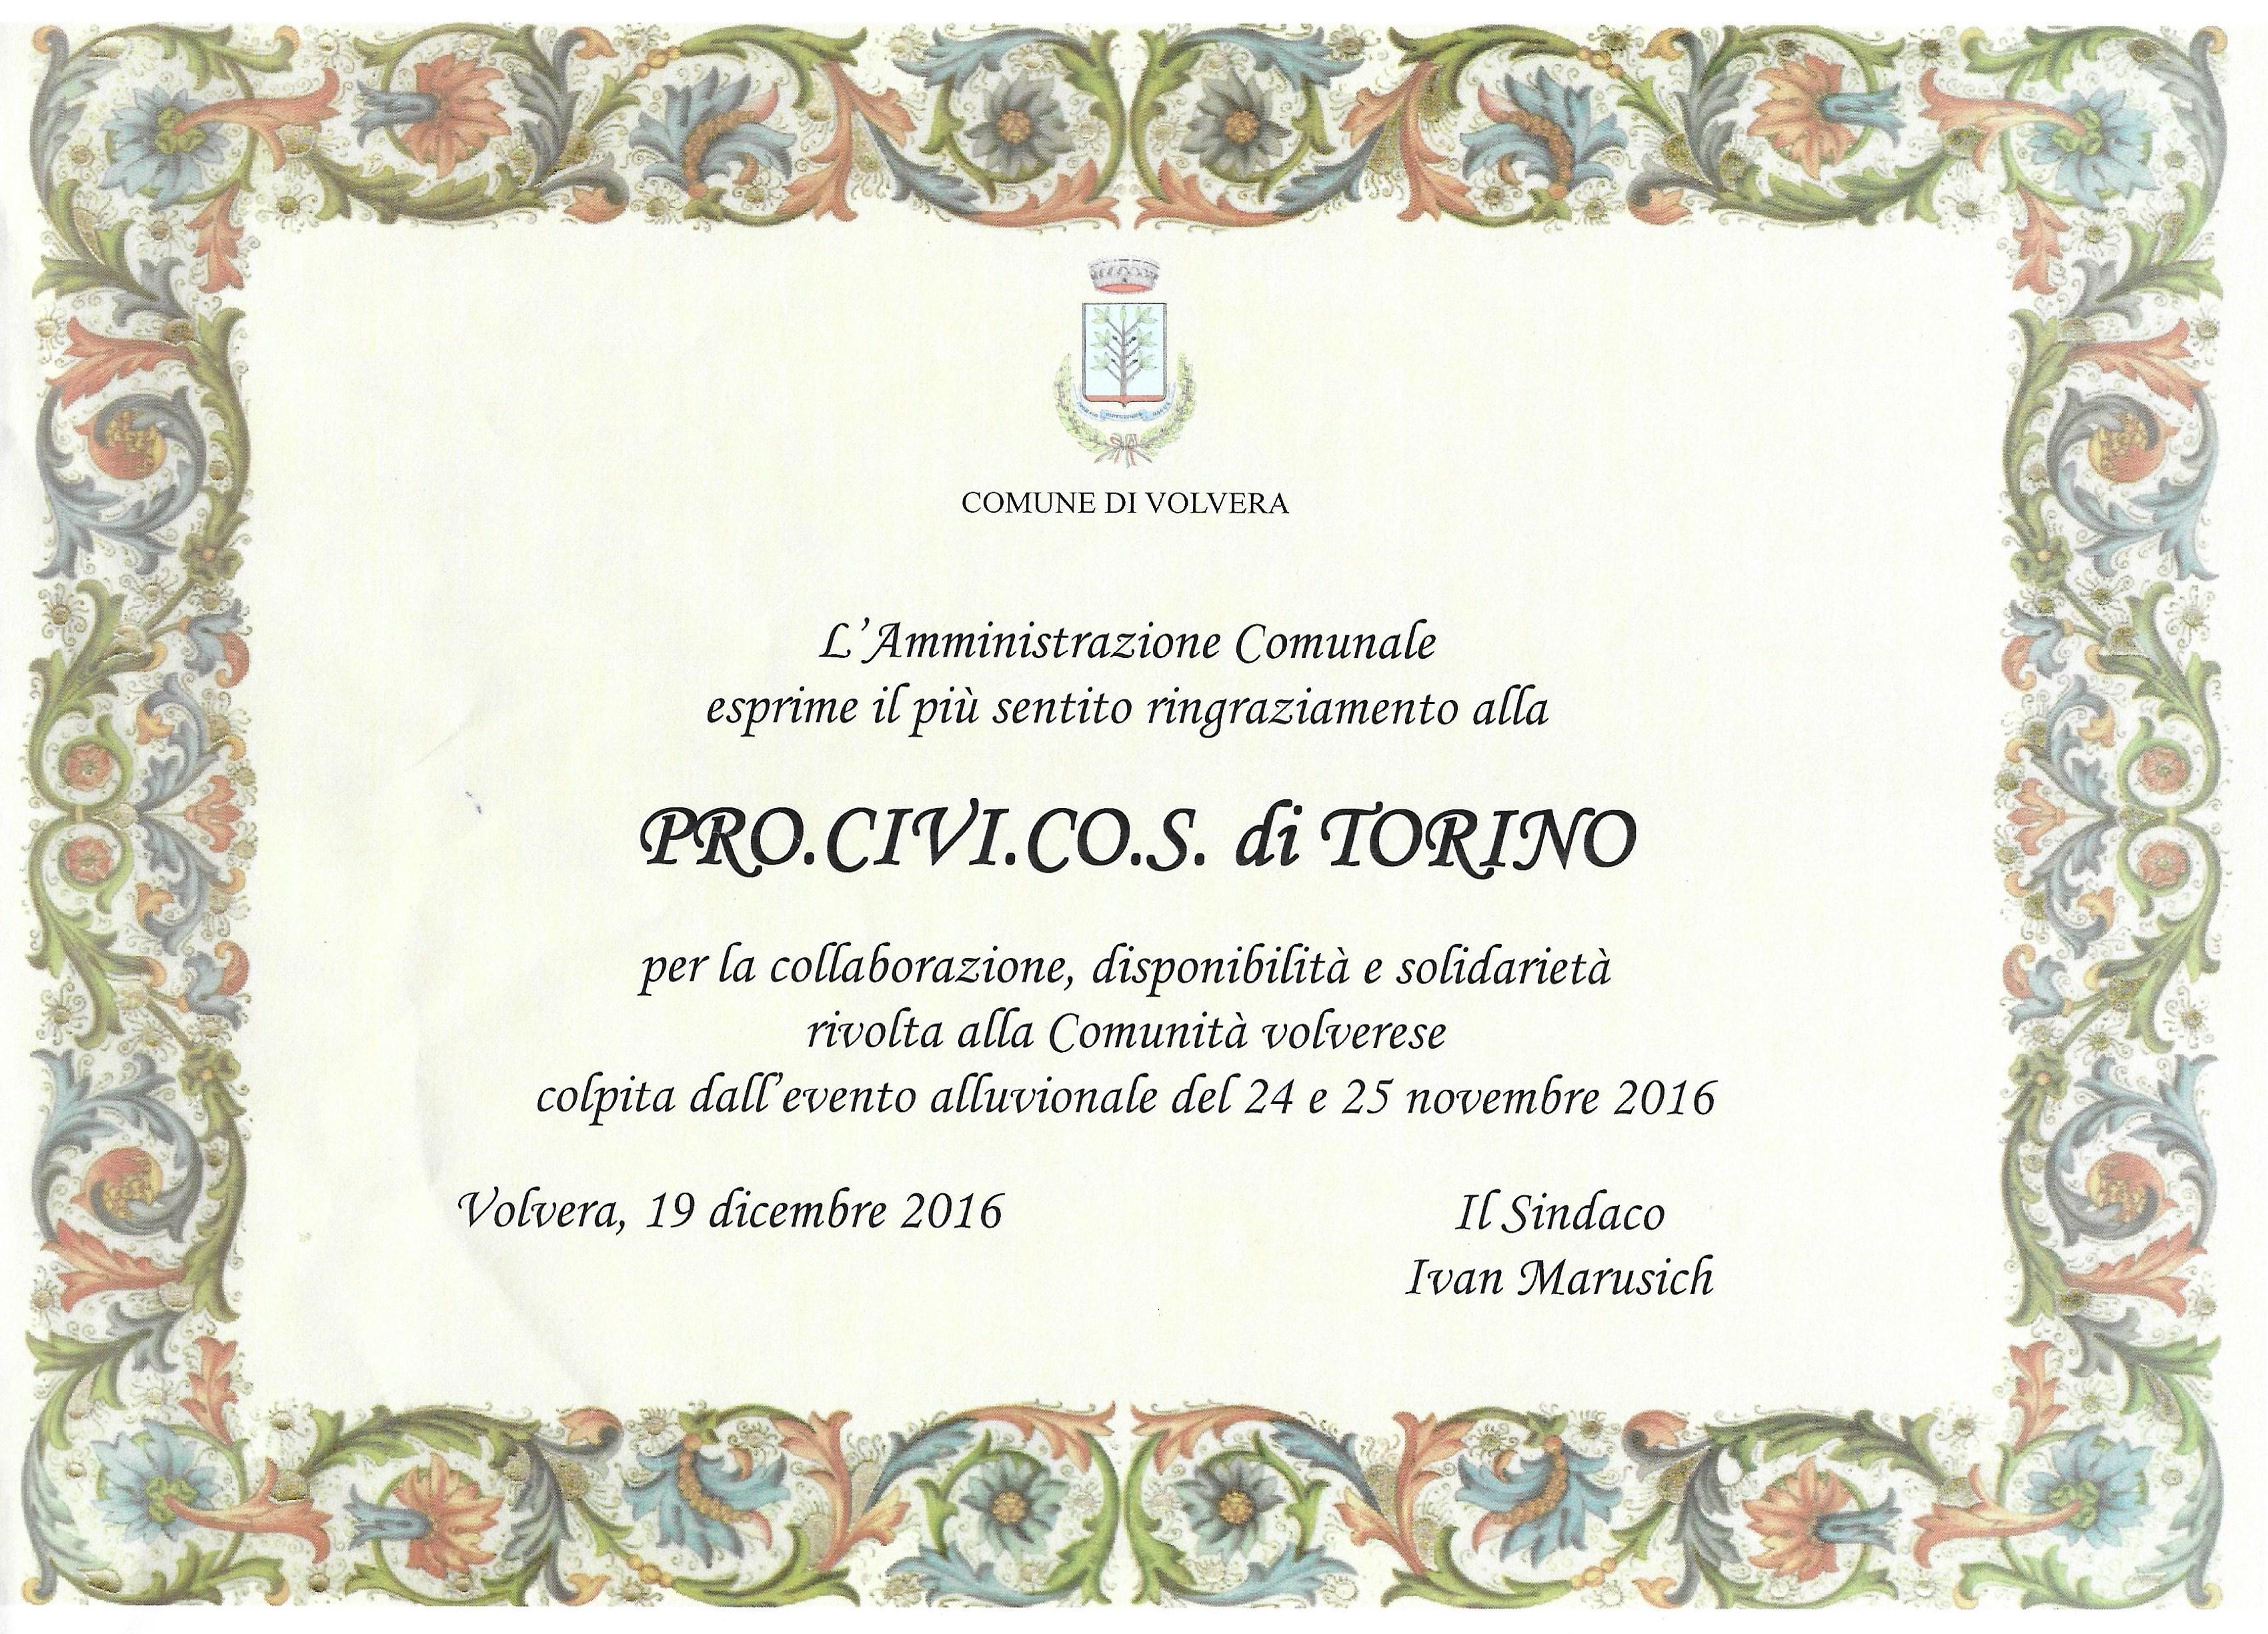 Amministrazione Comunale di Volvera e il suo riconoscimento alla PROCIVICOS per l'emergenza alluvionale del 24/25 novembre 2016